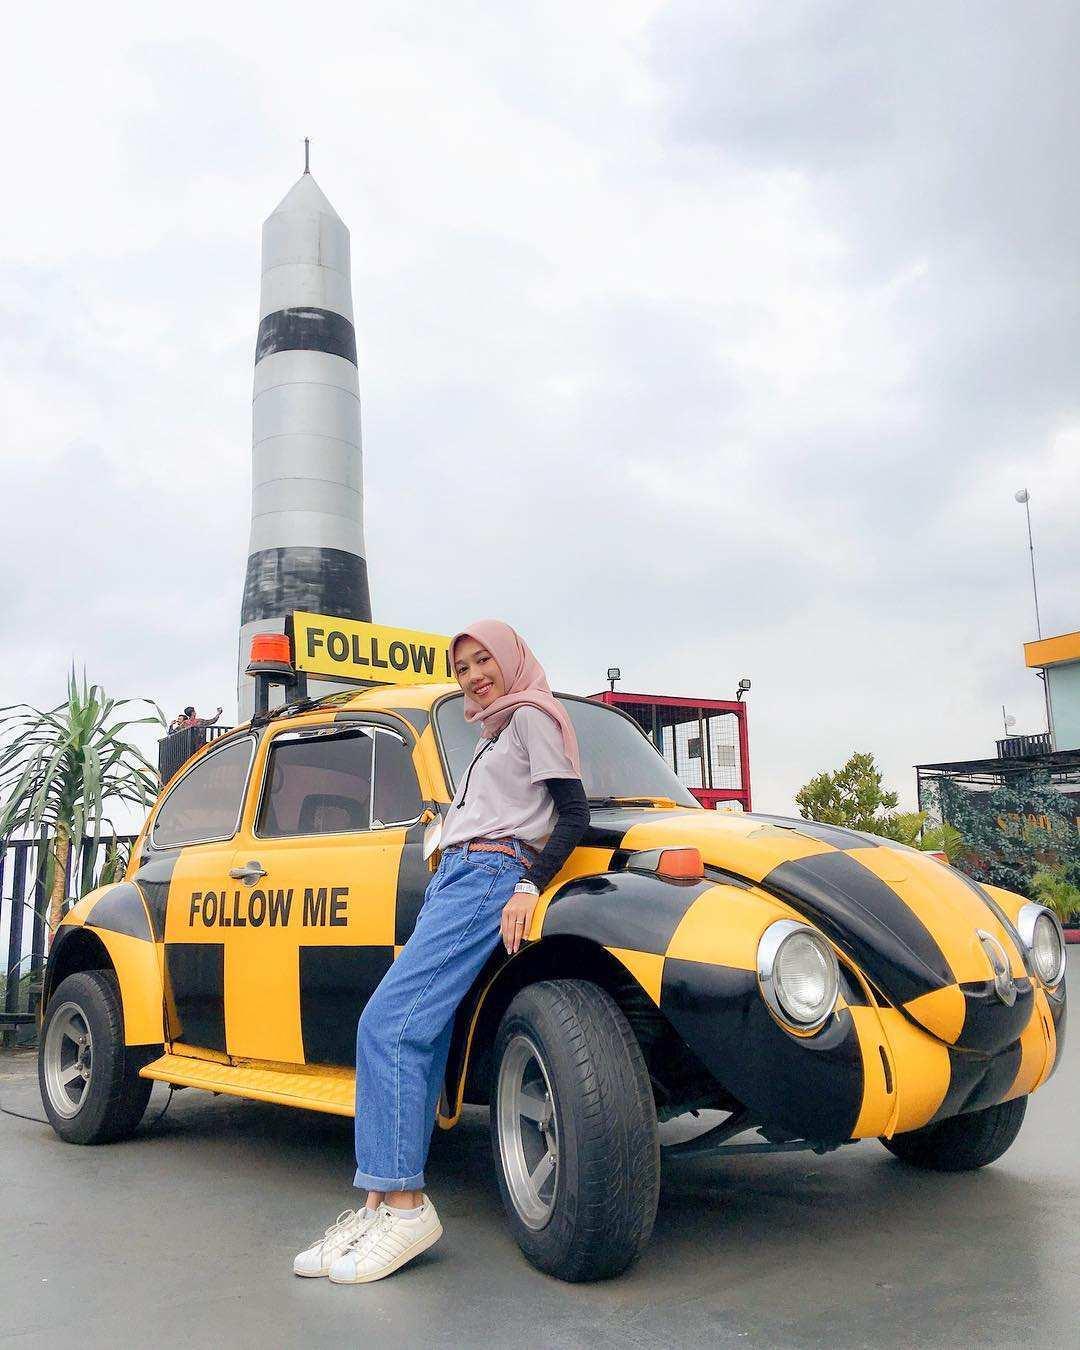 Mobil VW Kodok di Museum Angkut Malang, Image From @megaerlinda98